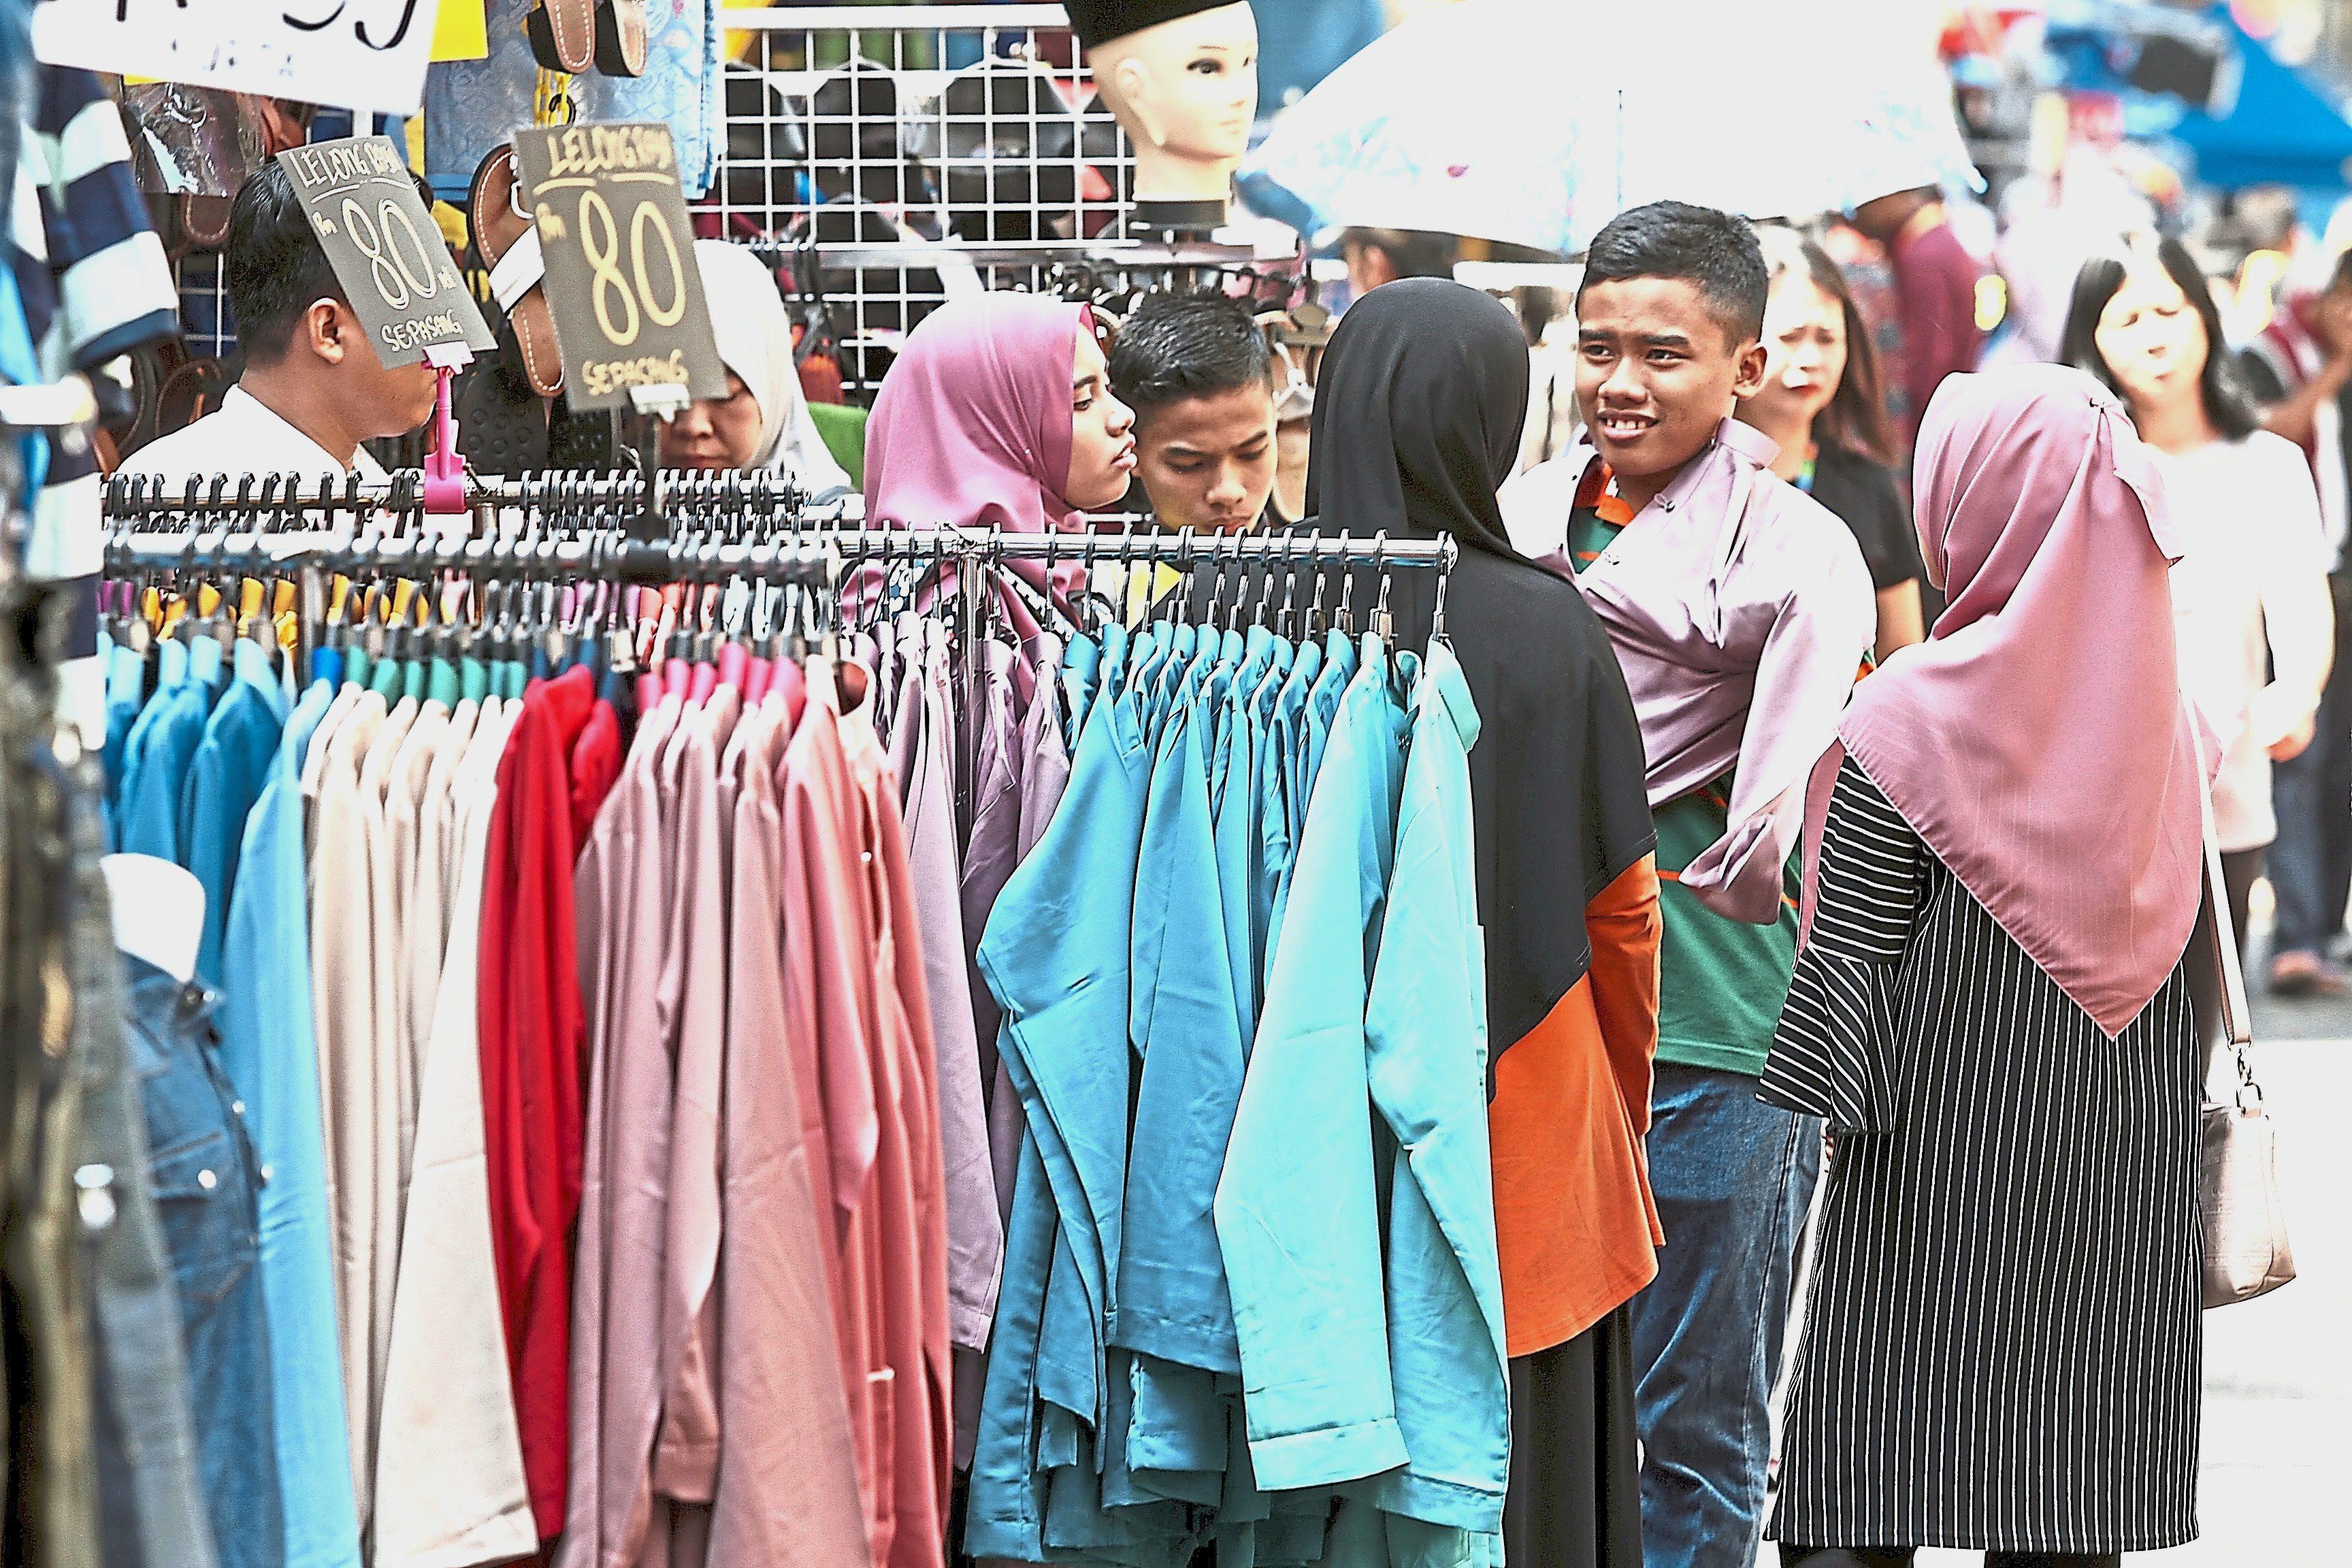 Hari Raya shoppers in Masjid India Raya bazaar. – filepic